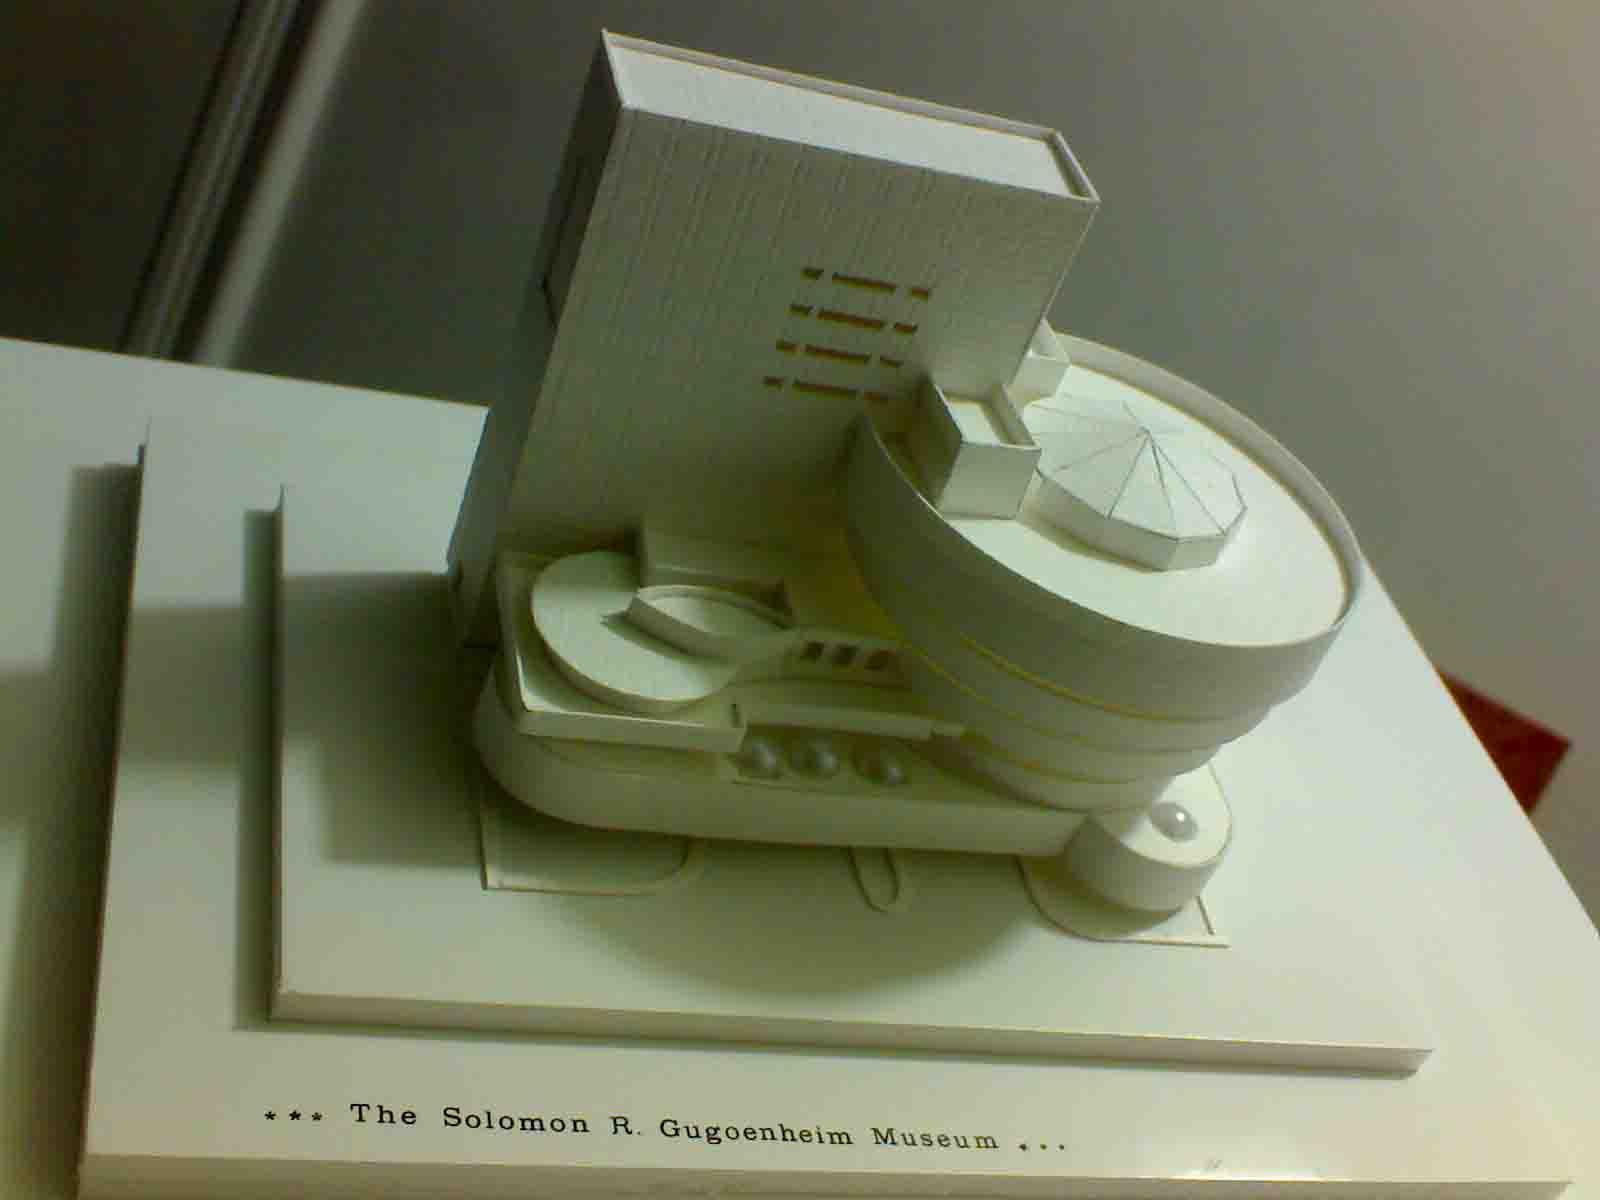 ماکت موزه گوگنهایم اجرایی بخش ماکت های دانشجویی